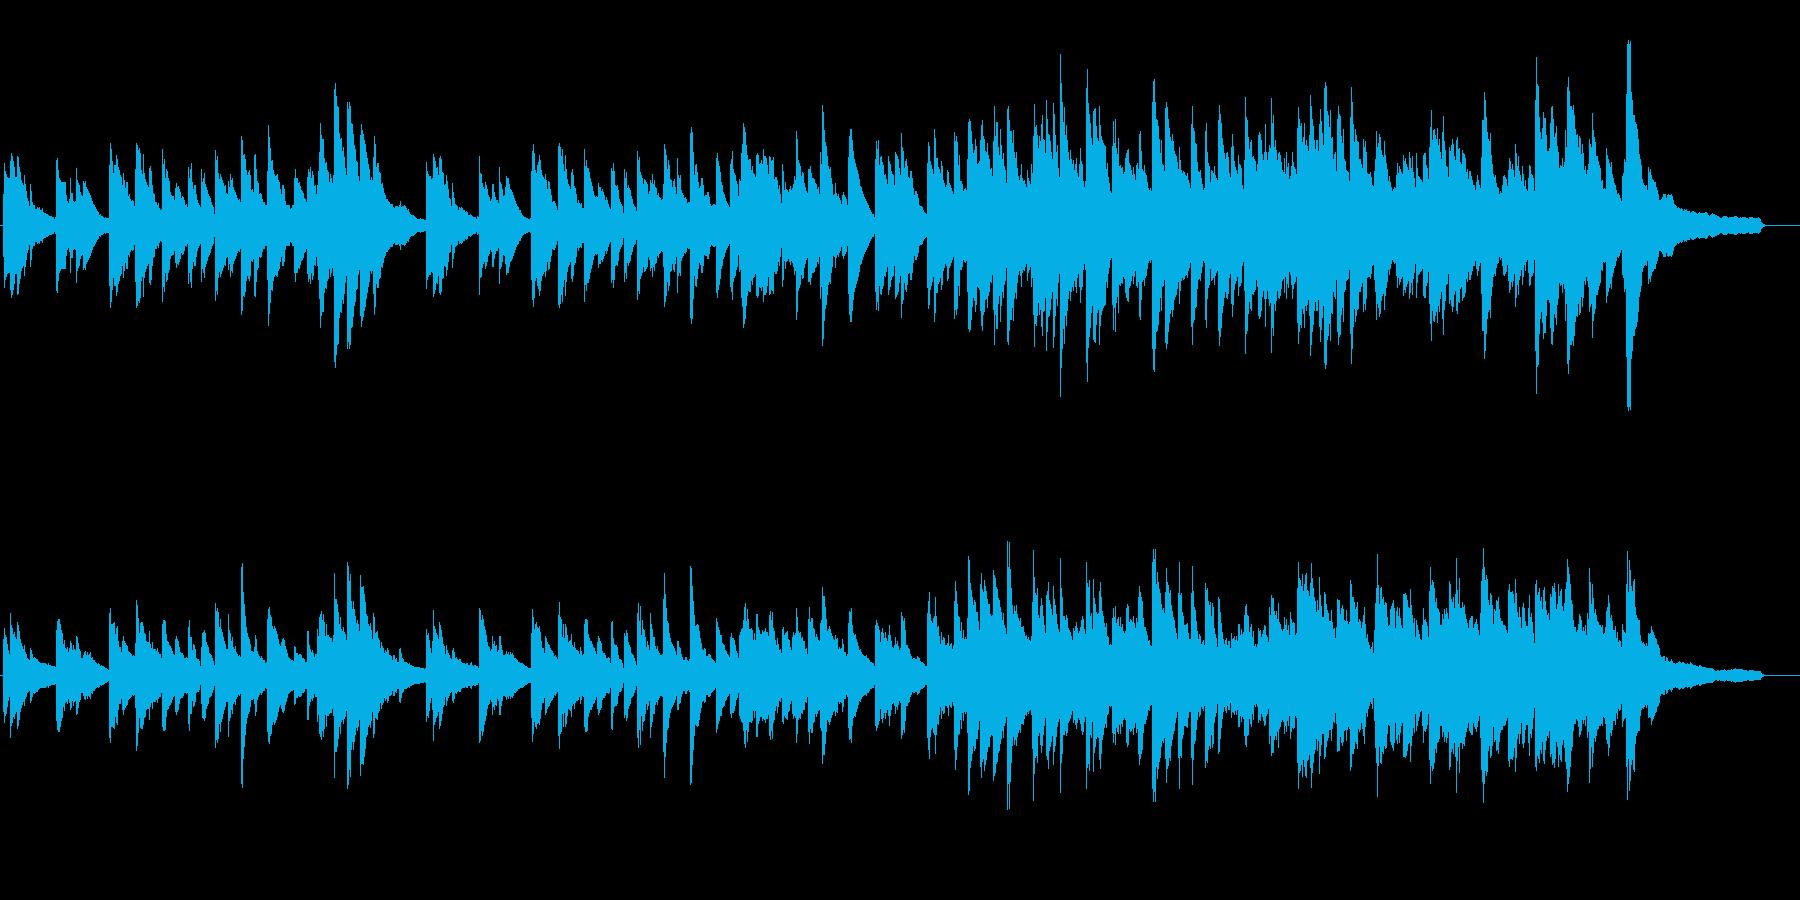 ピアノの、ゆったりした旋律の楽曲の再生済みの波形